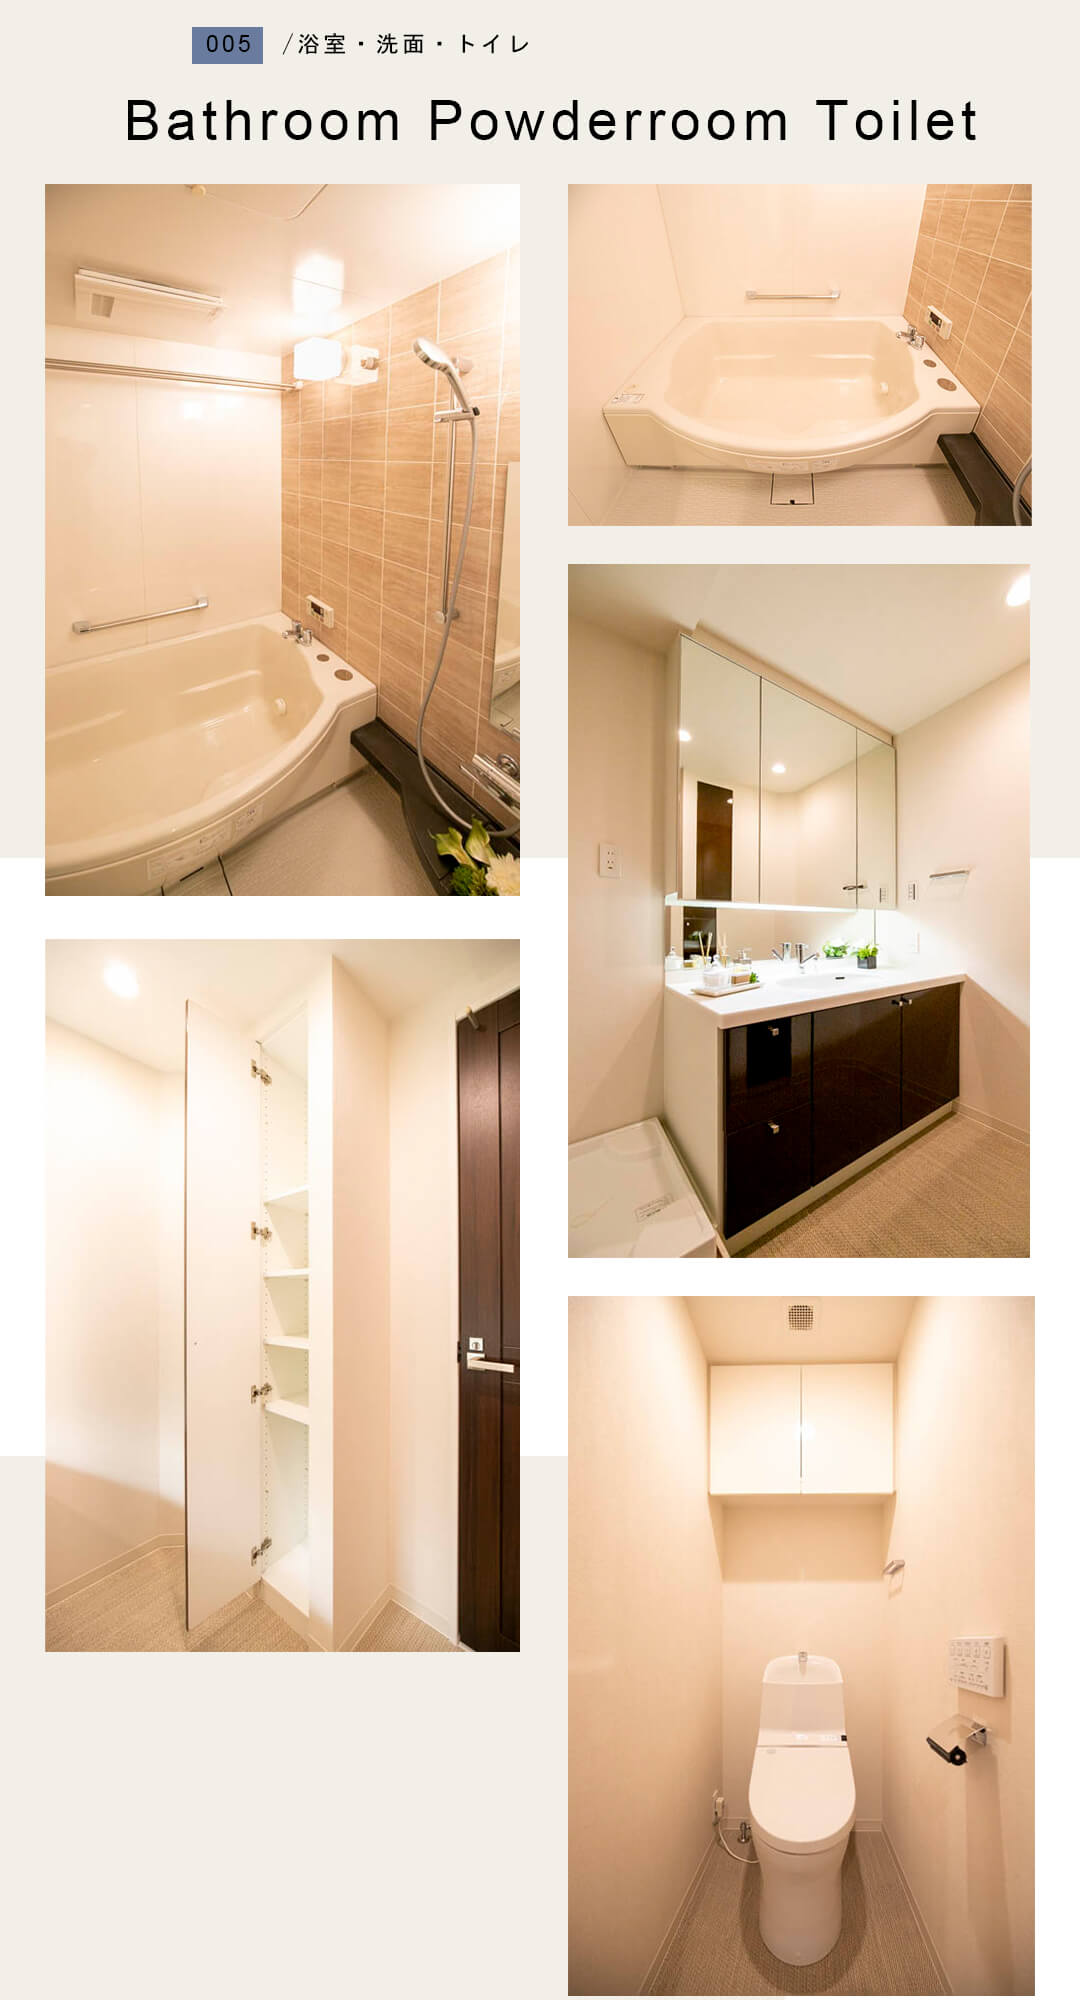 05浴室,洗面,トイレ,bathroom,powderroom,toilet